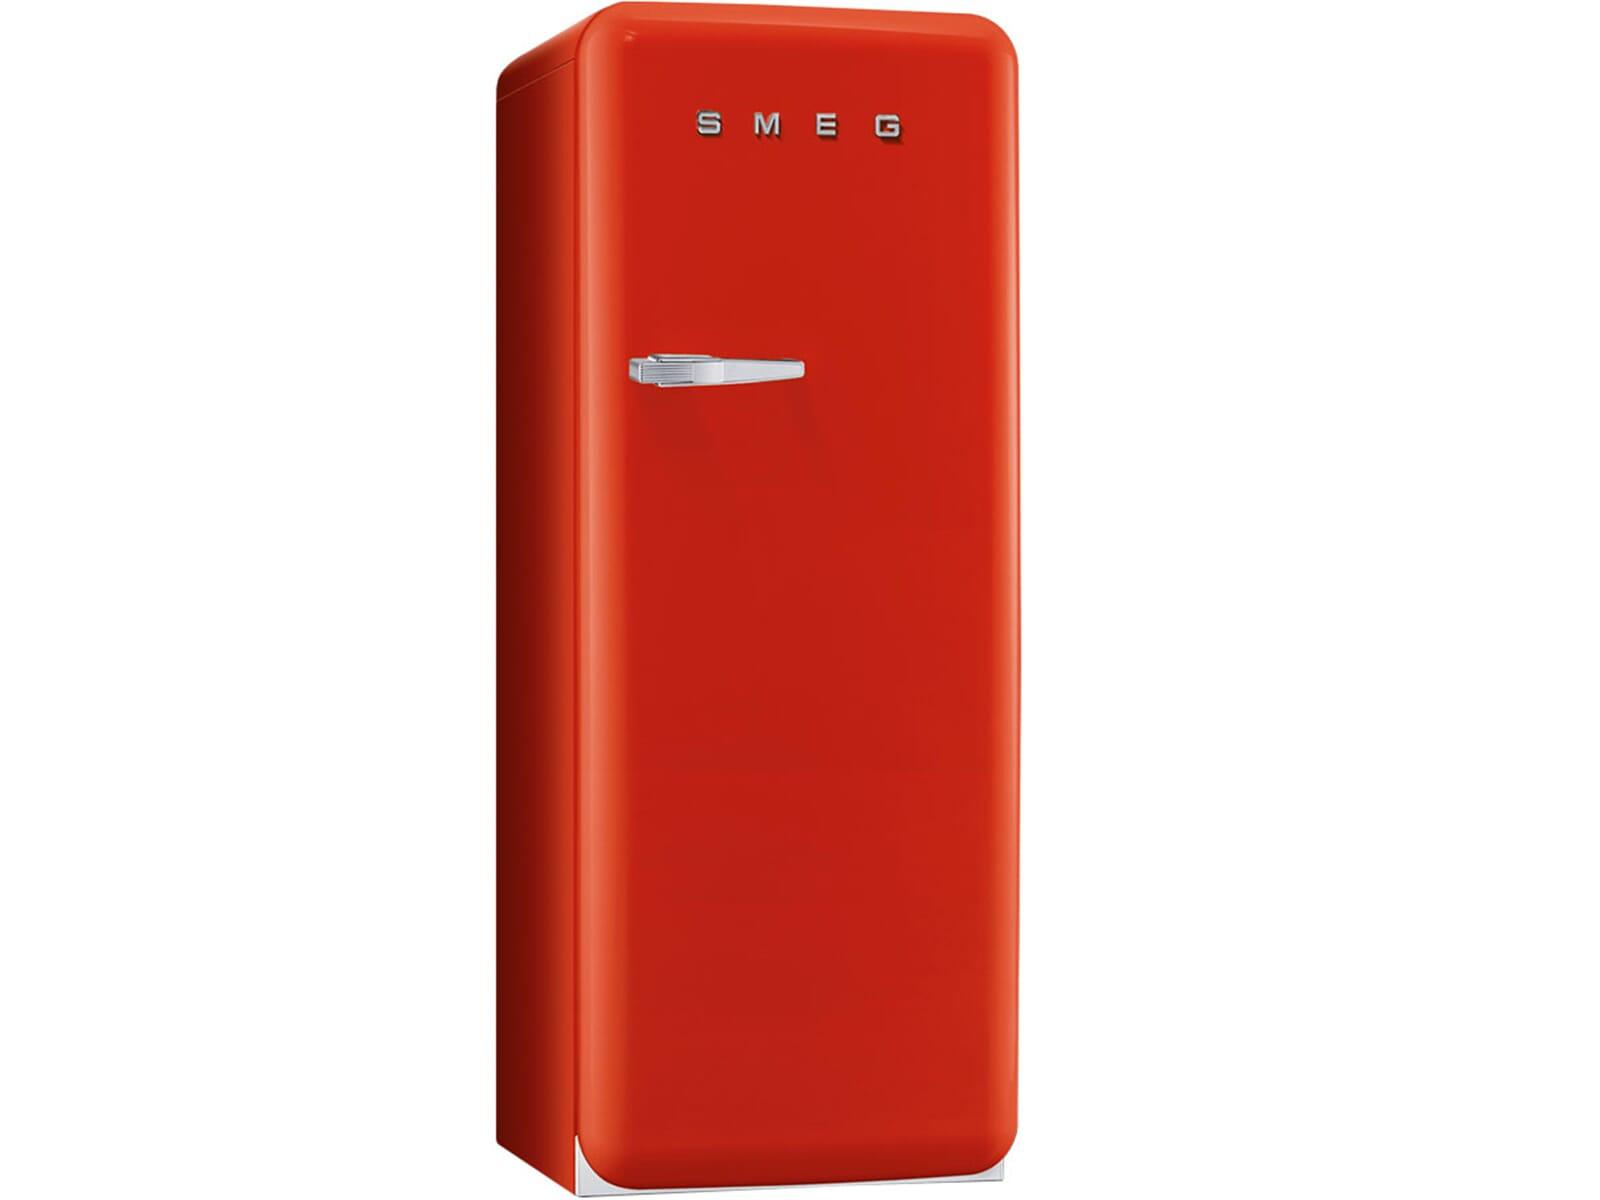 Amerikanischer Kühlschrank Retro Klein : Amerikanischer kühlschrank rot temeka snyder blog